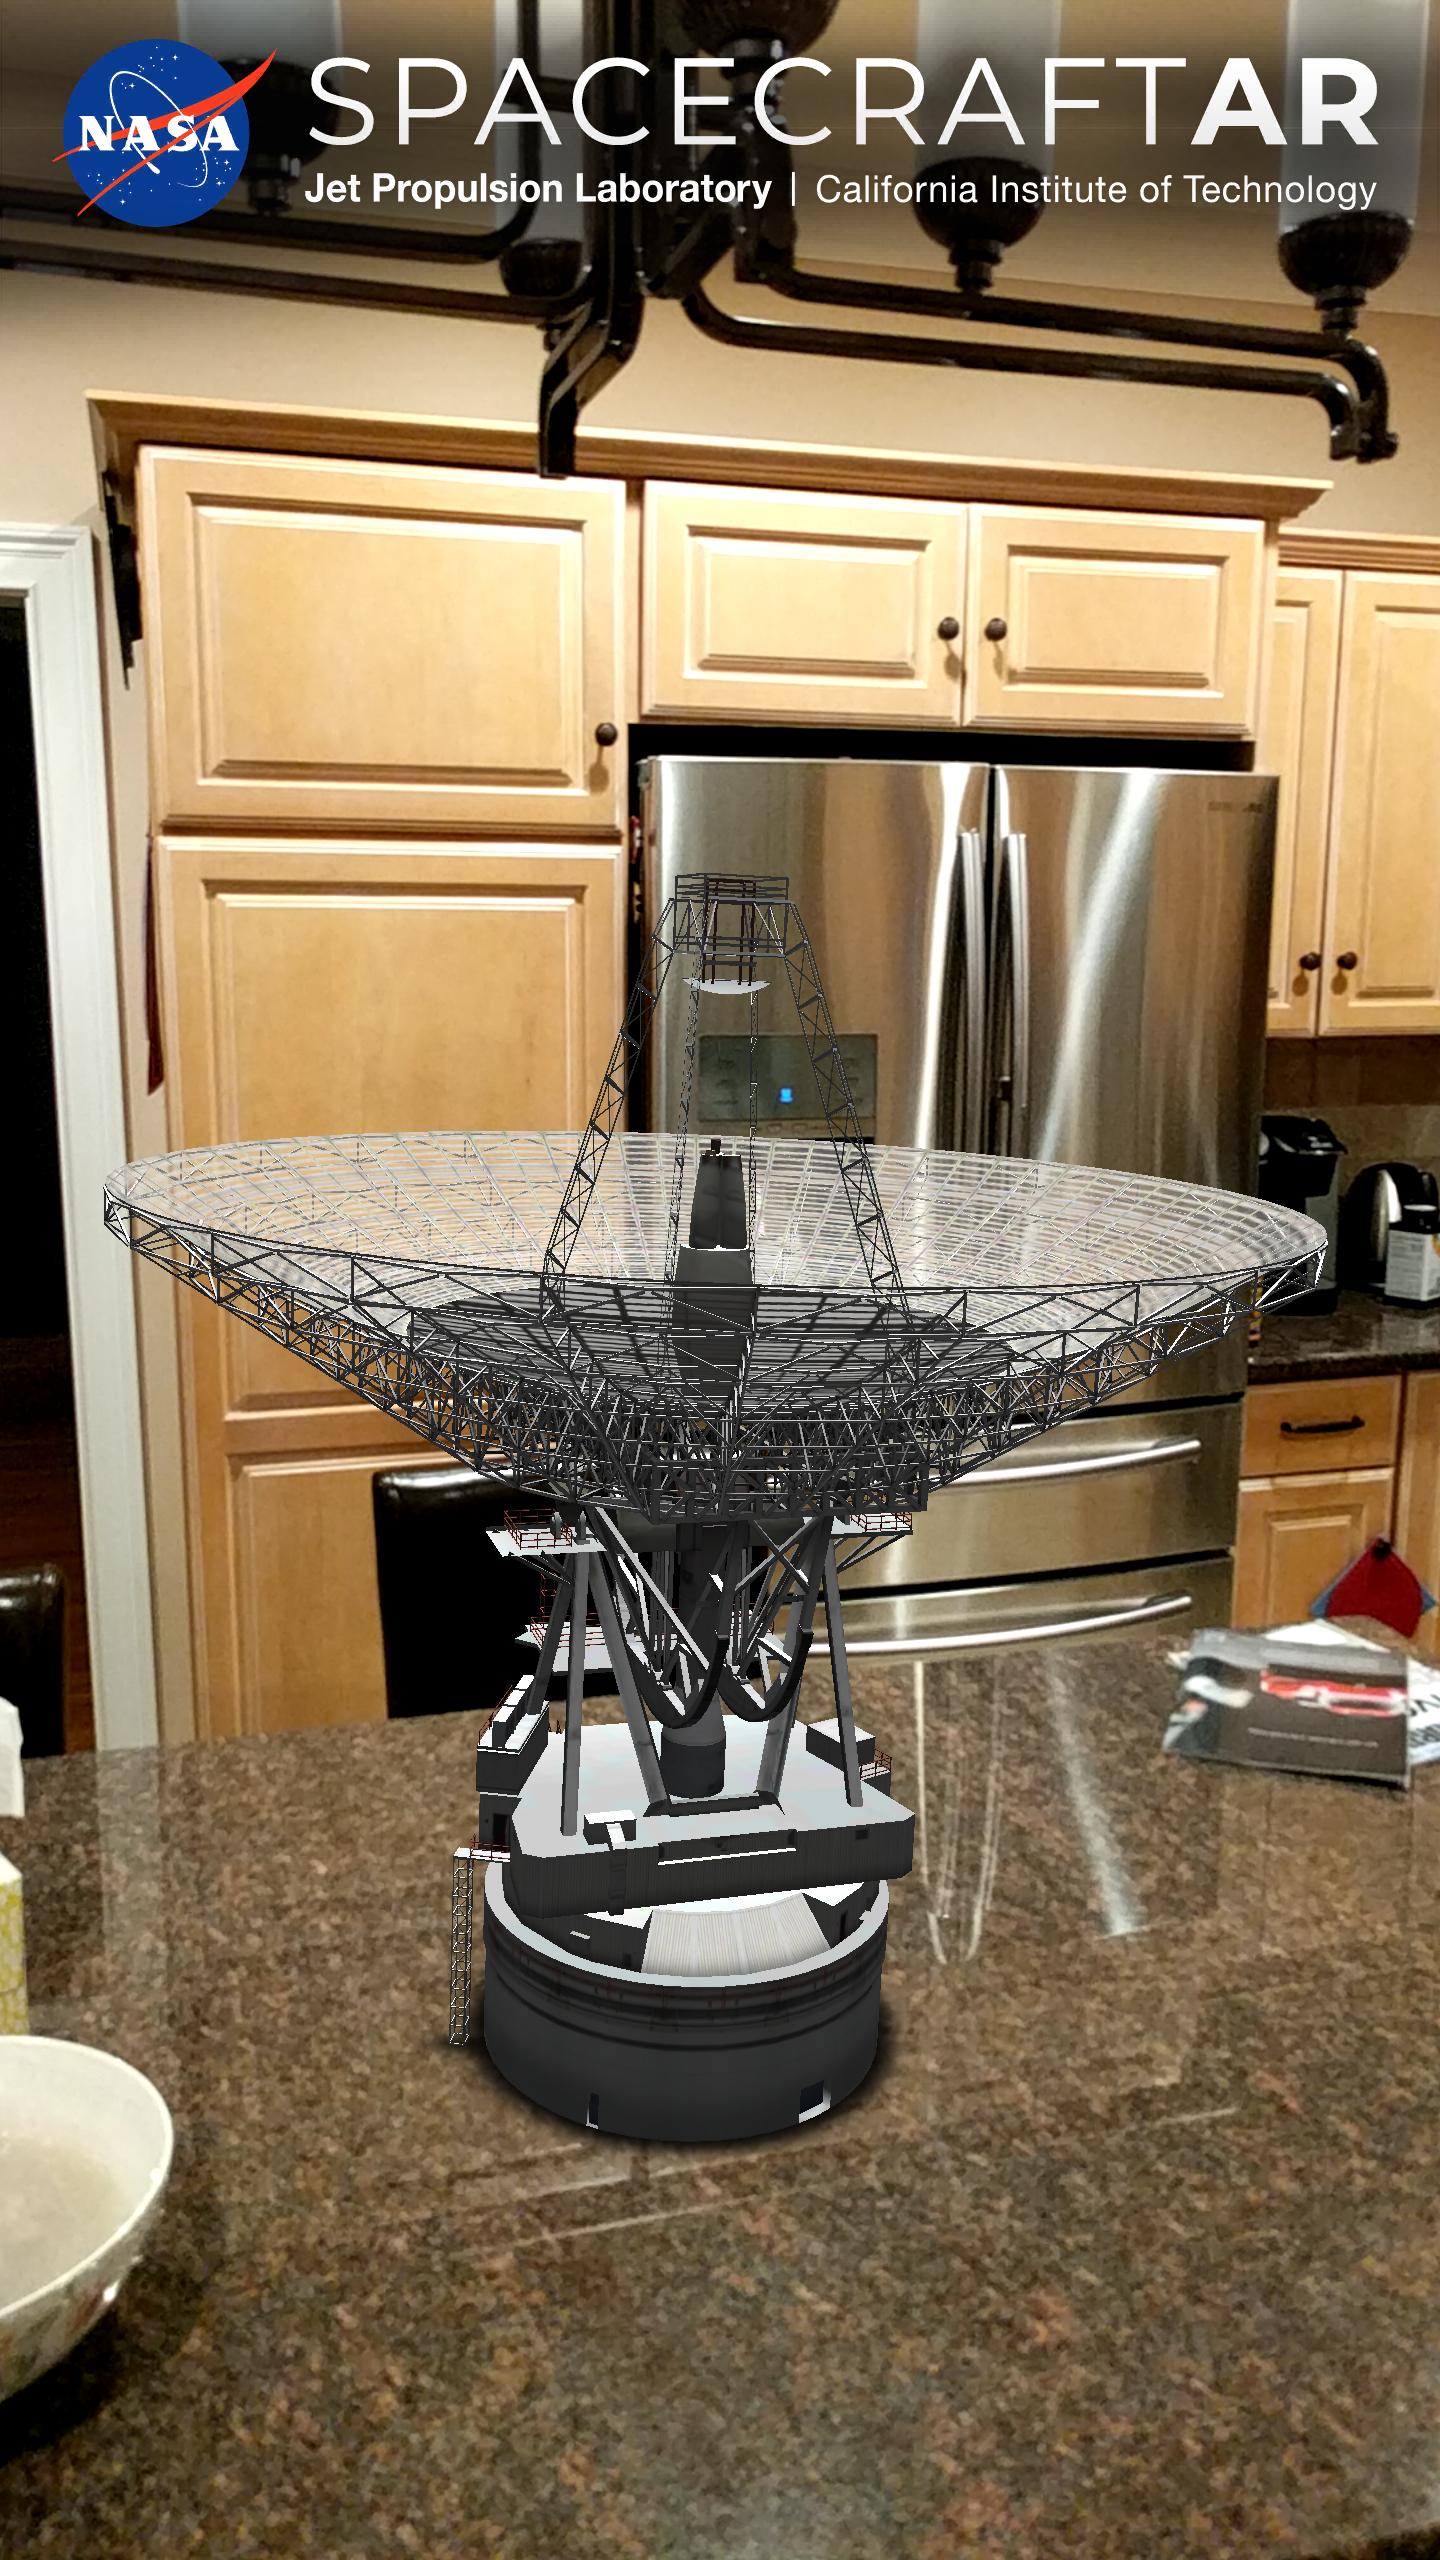 spacecraft ar - photo #6